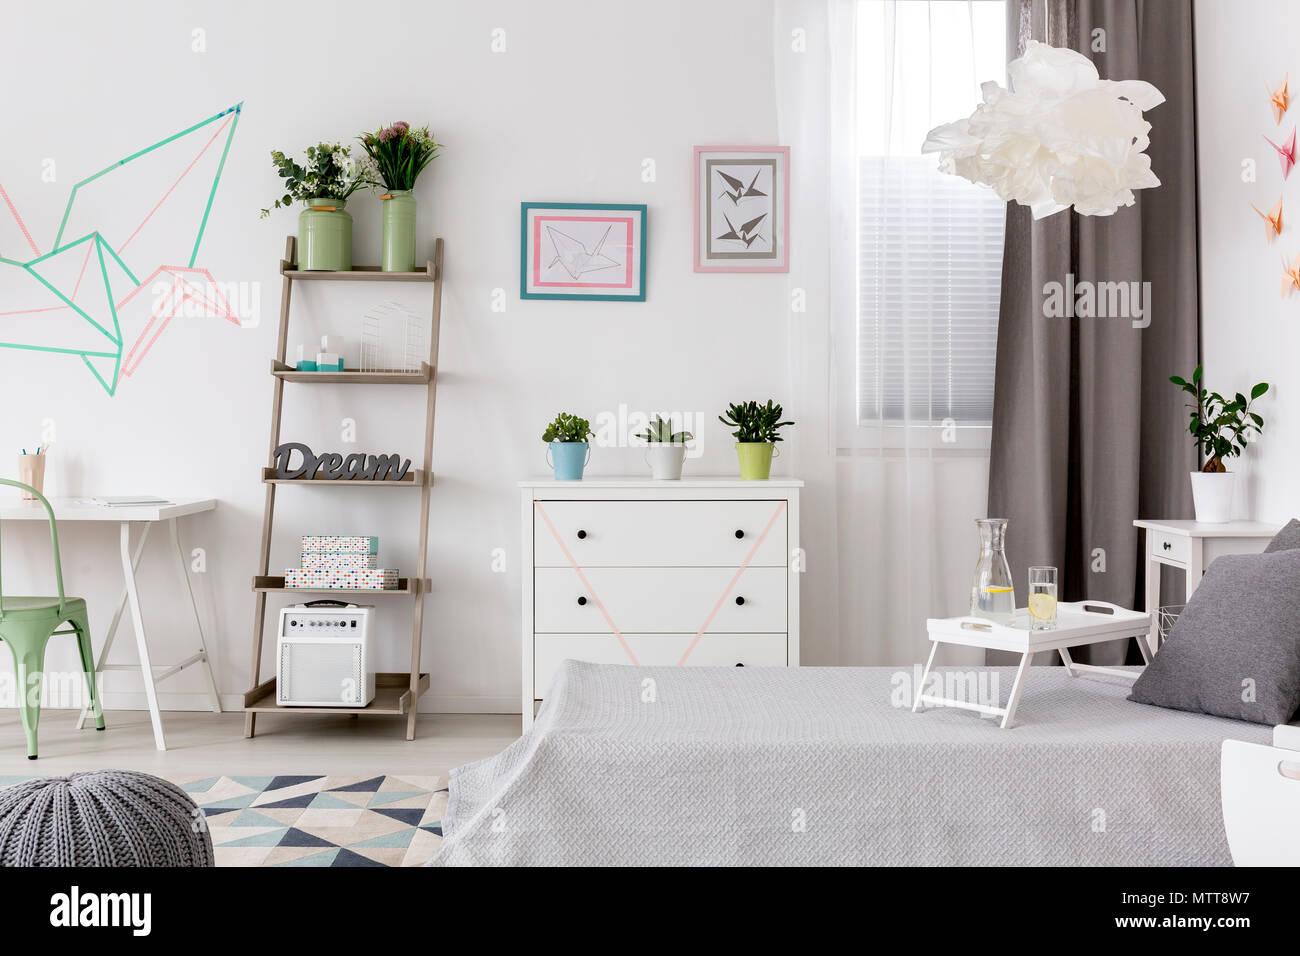 El dormitorio y la oficina de luz combinada y creativa Decoración de pared Imagen De Stock